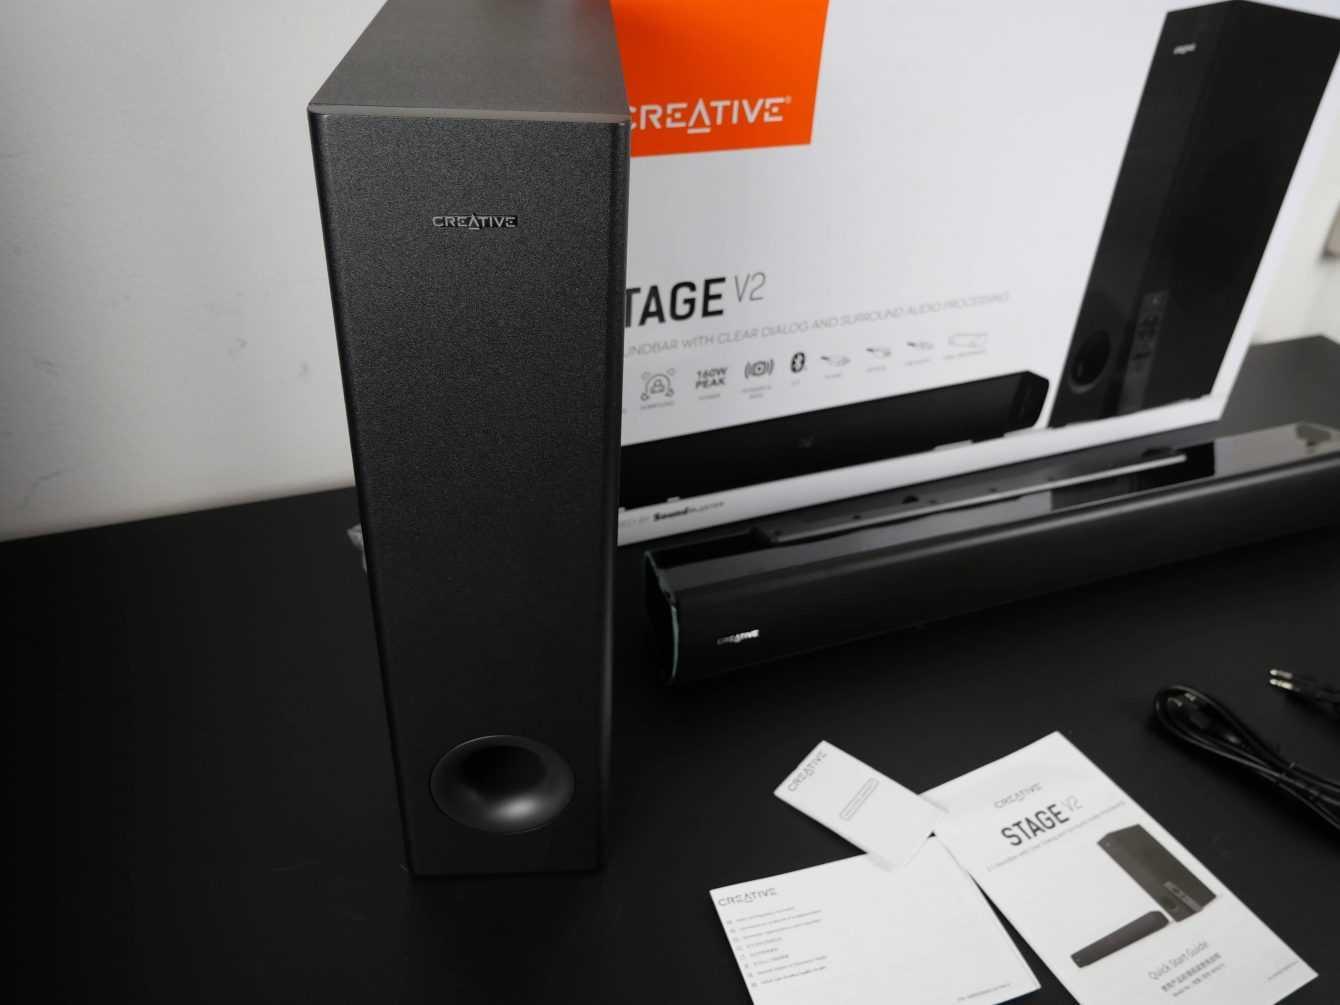 Recensione Creative Stage V2: la soundbar per ogni giocatore